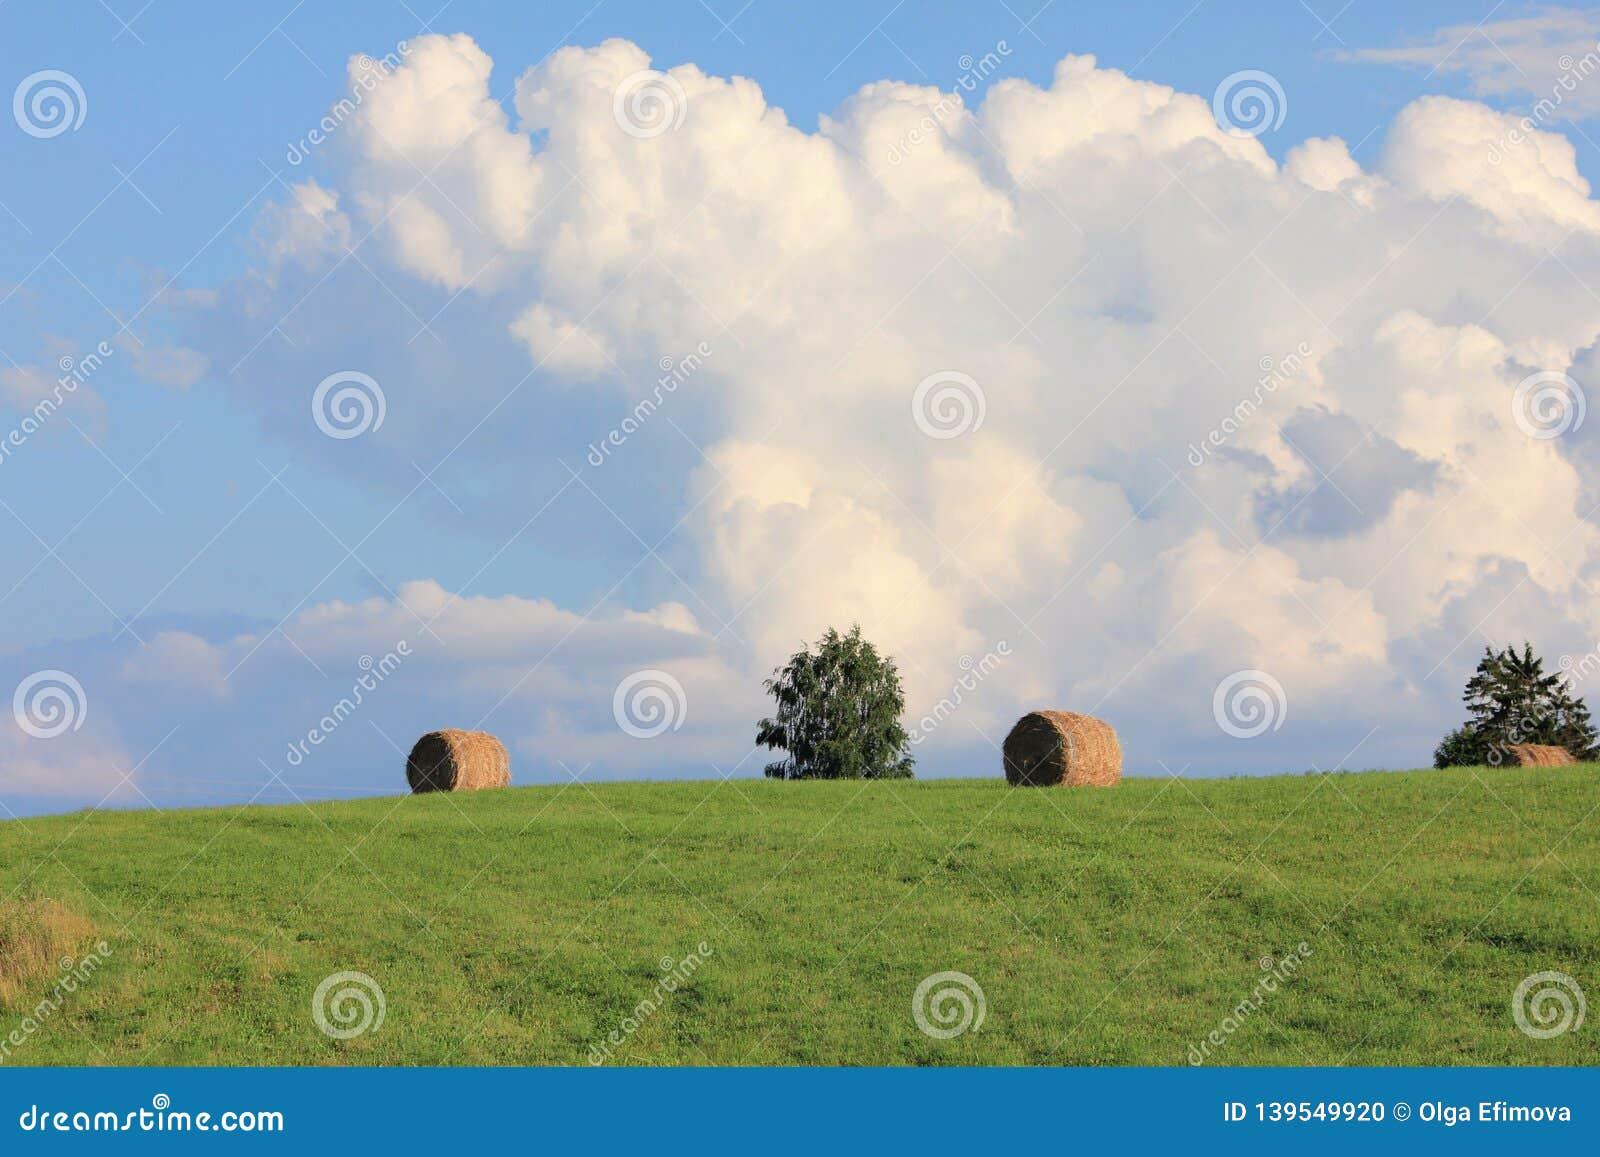 Monte de feno secos após a colheita em um campo verde do verão com nuvens grandes e o céu azul